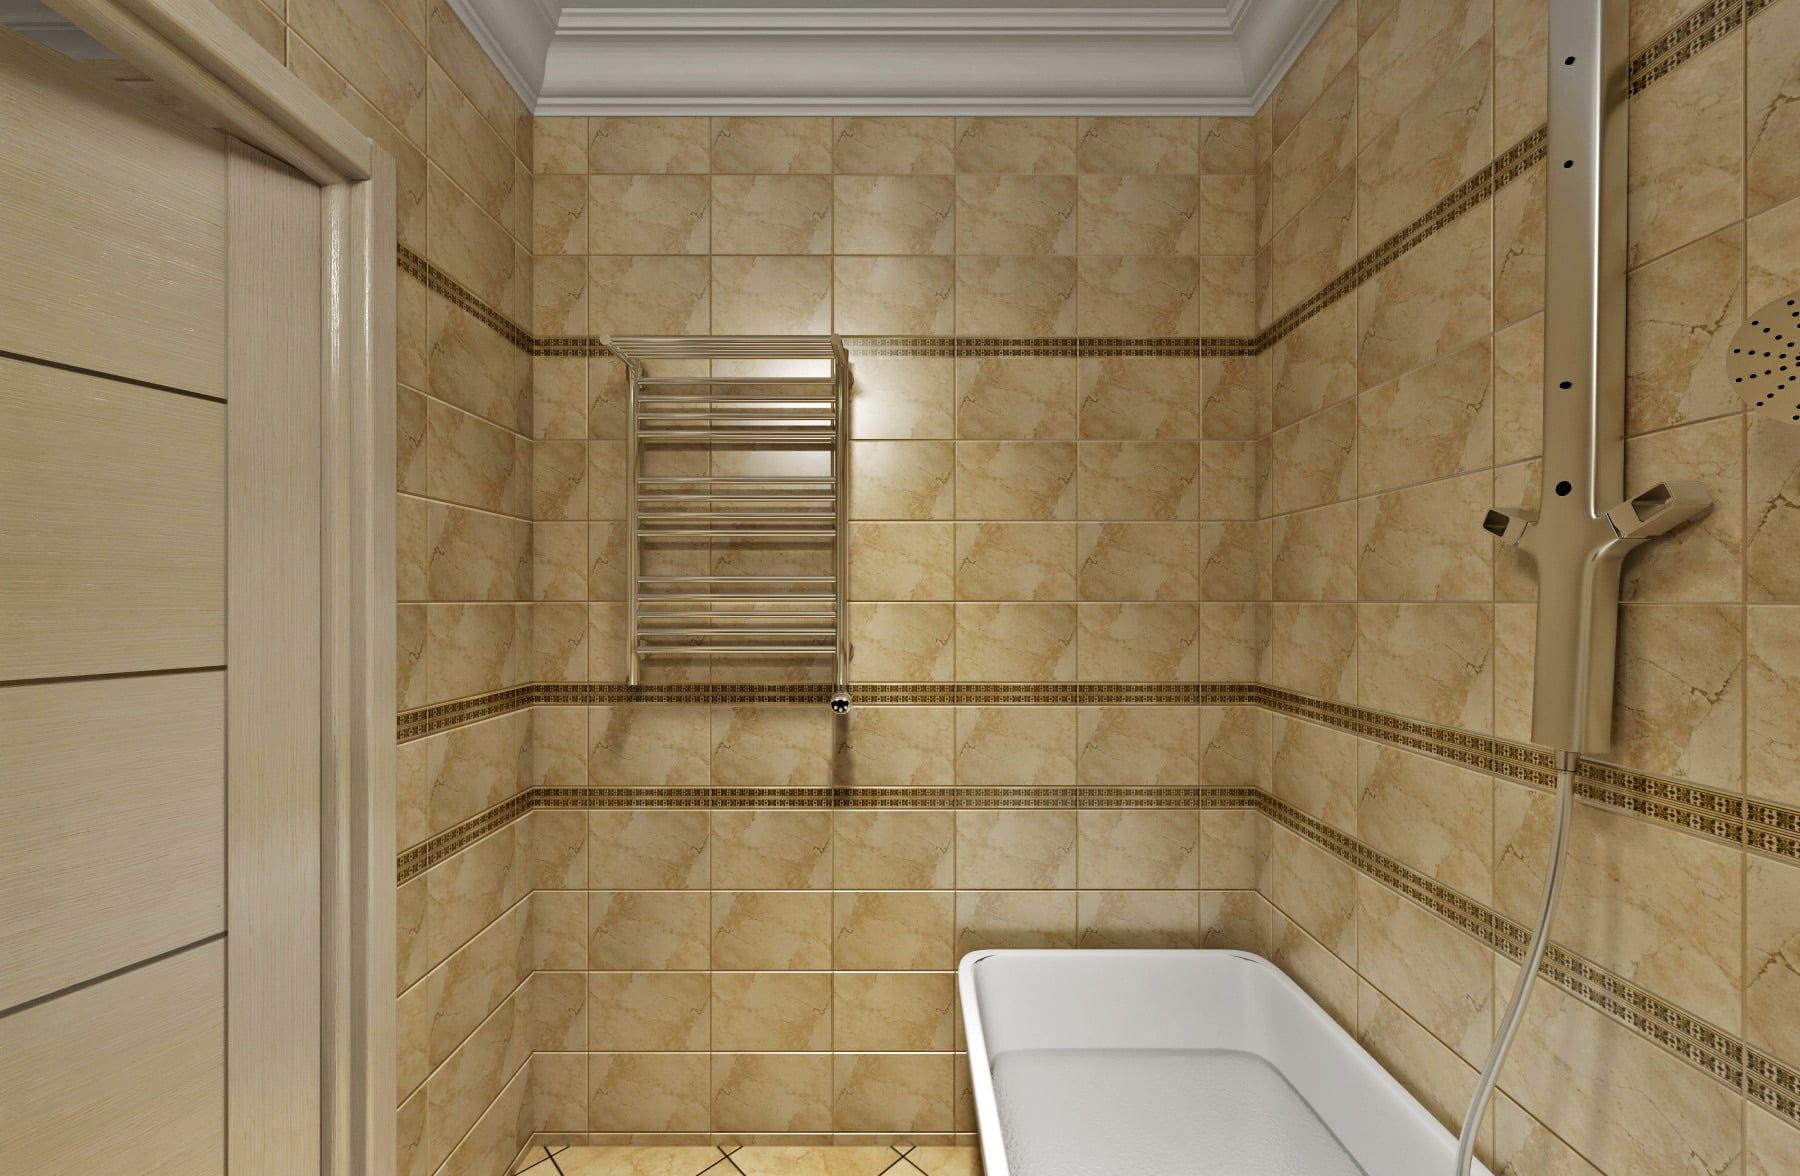 санузел дизайн интерьера в гомеле фото 4